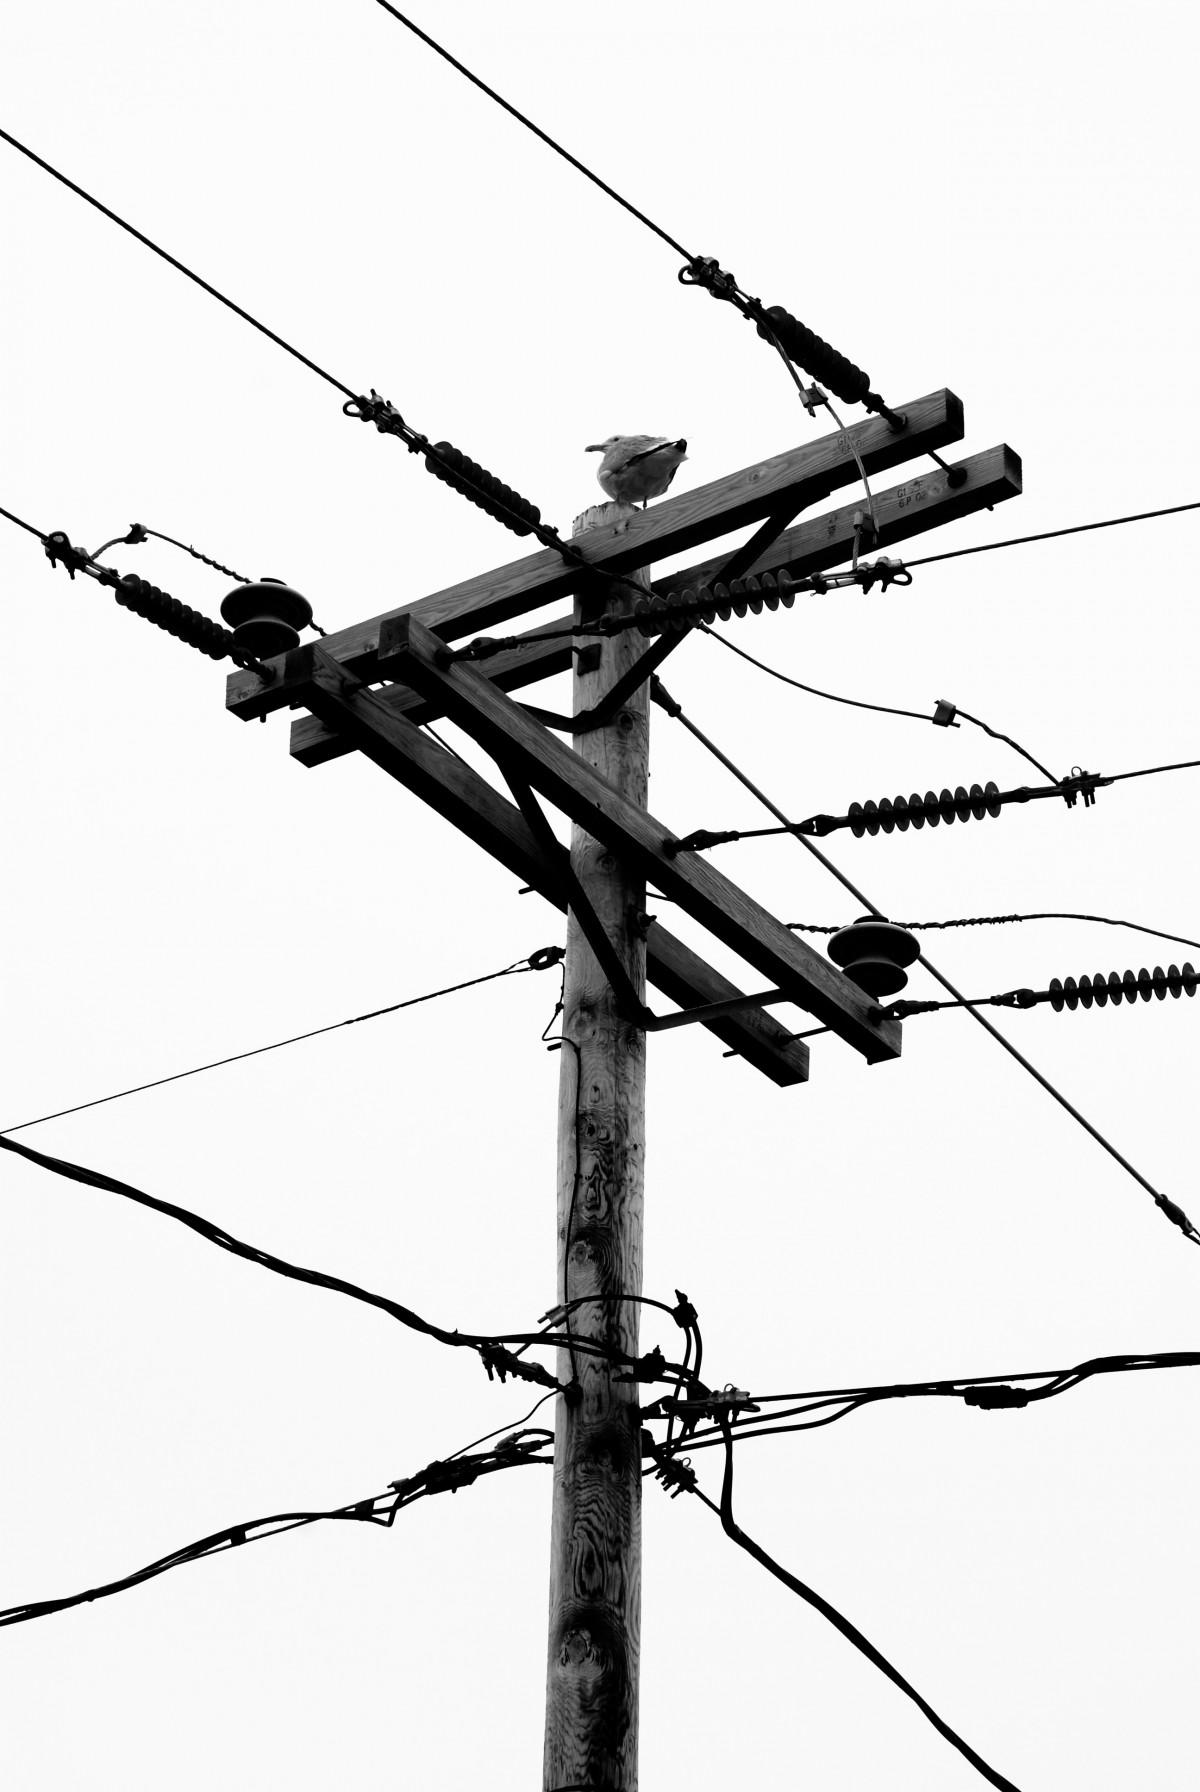 Gratis billeder : afdeling, teknologi, antenne, linje